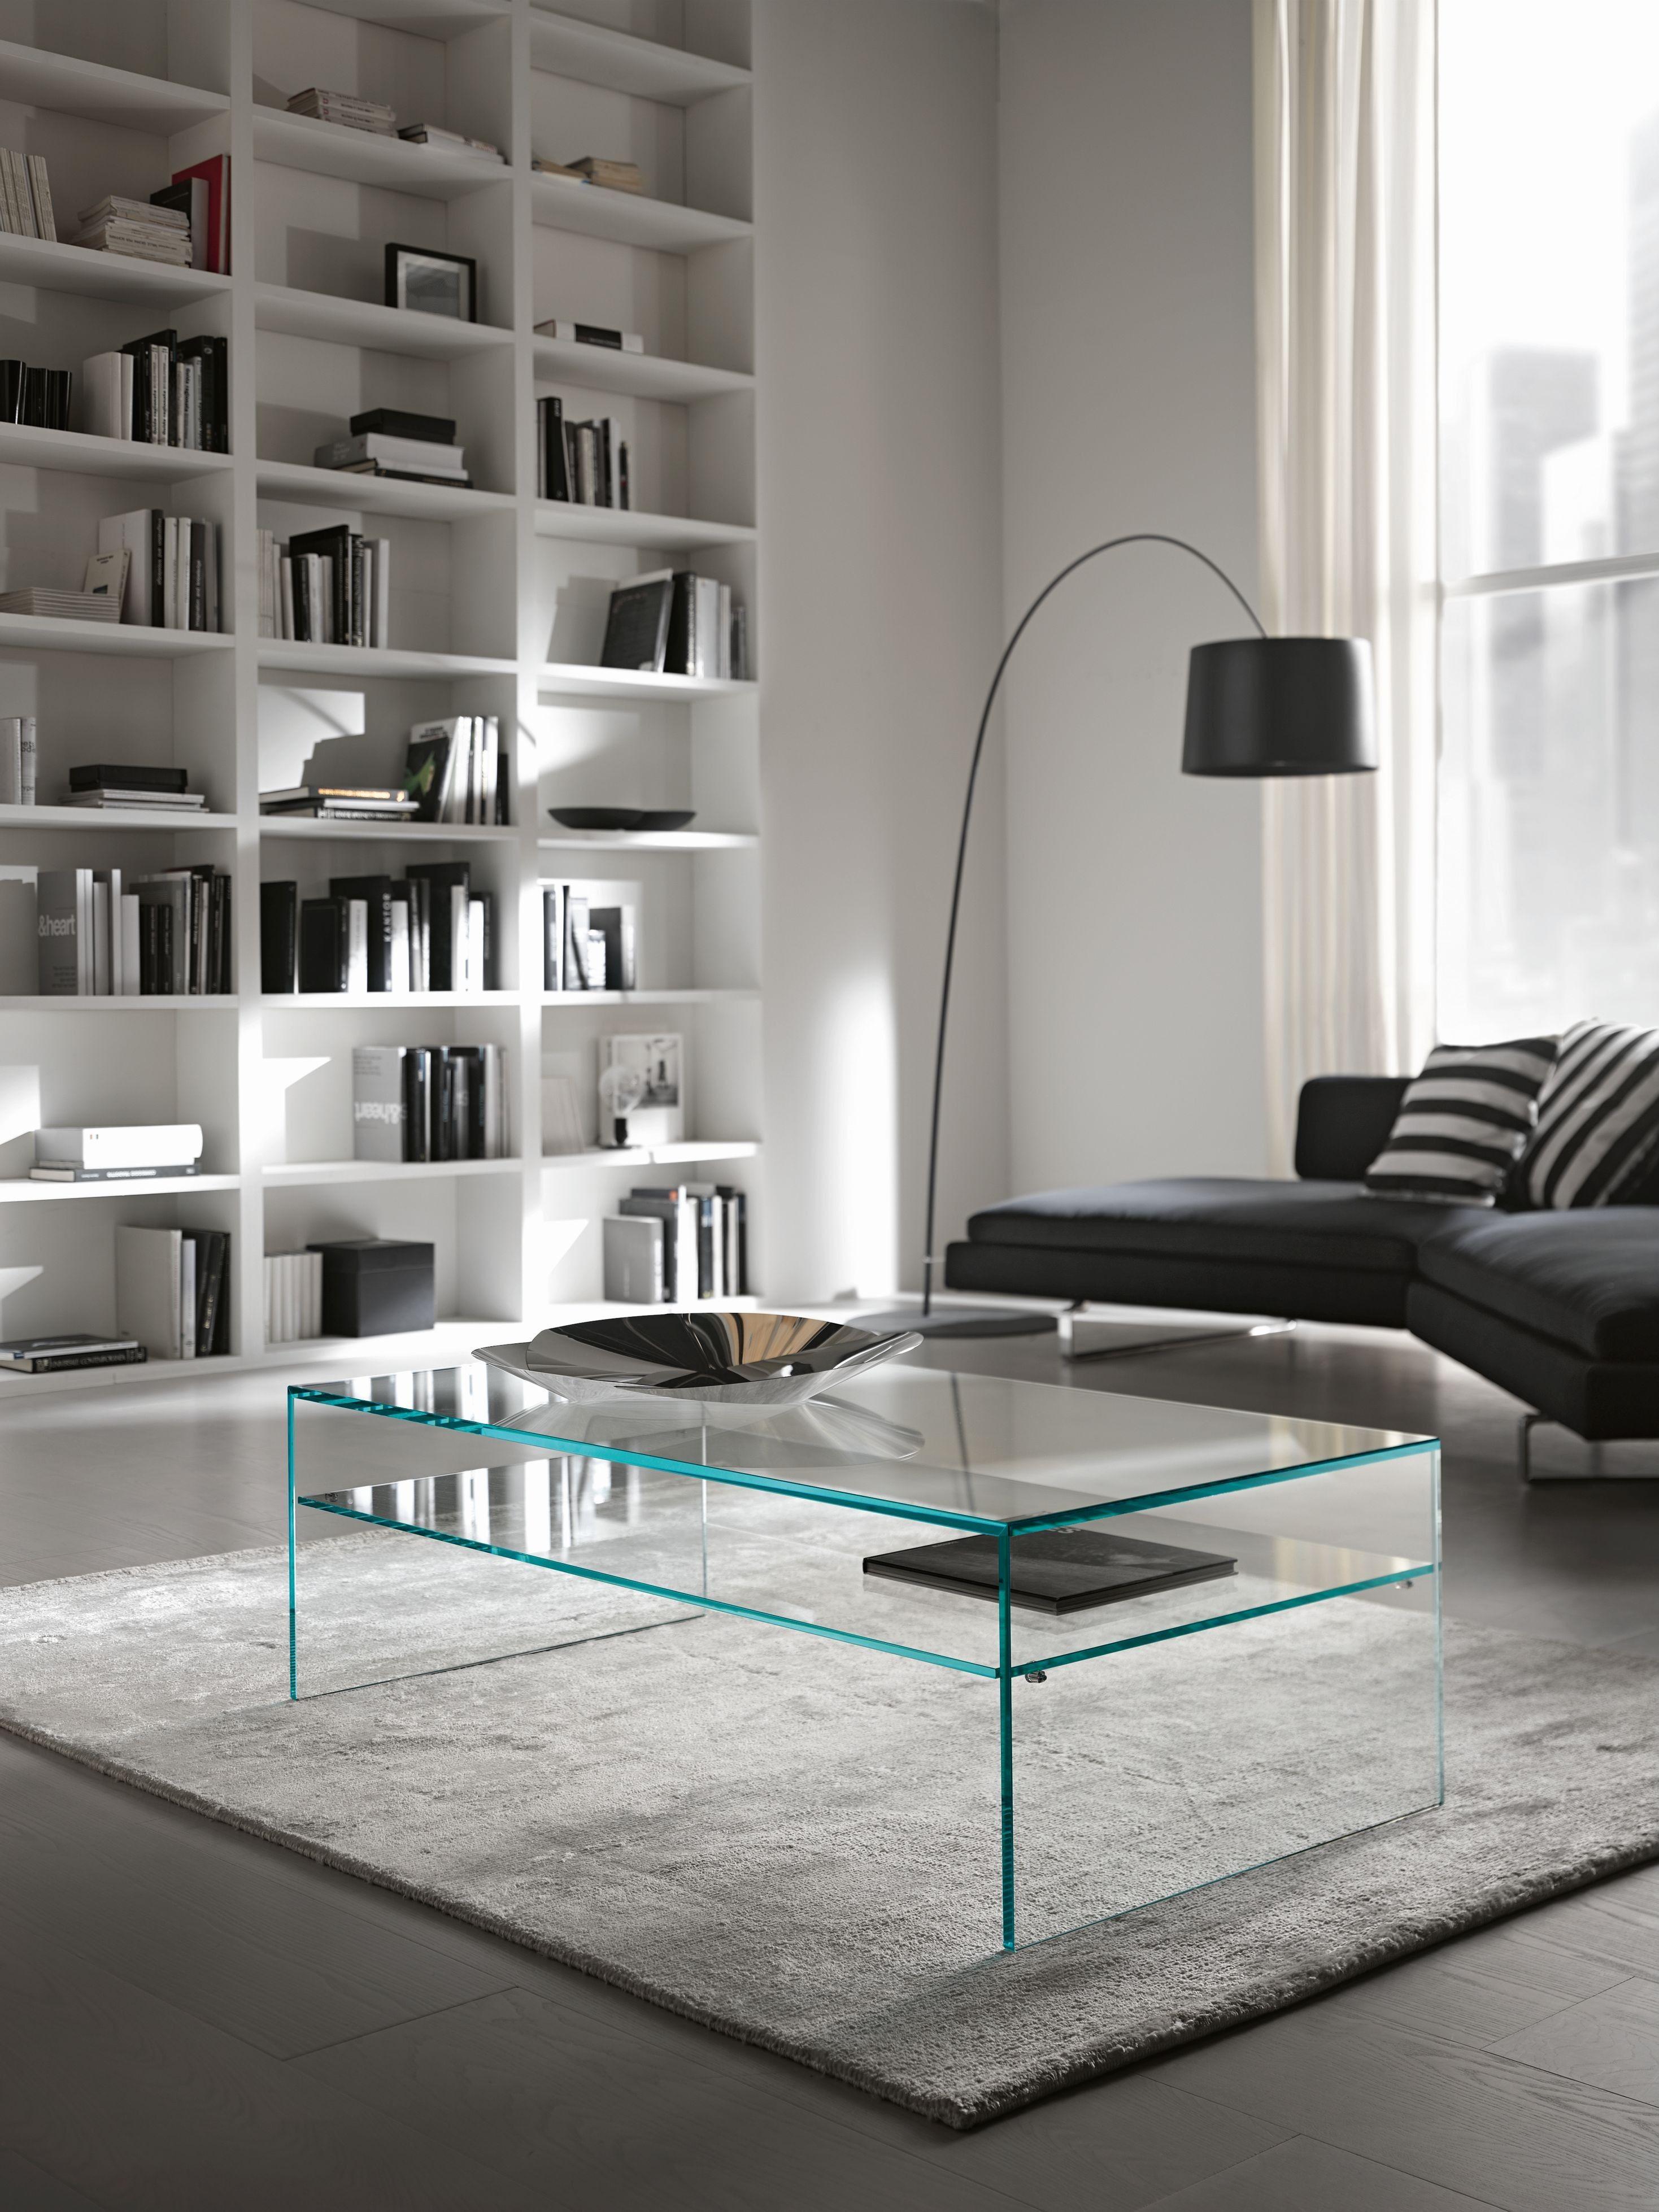 Tonelli Glazen Tafels.Tonelli Fratina 2 Salontafel Design Tonelli Glazen